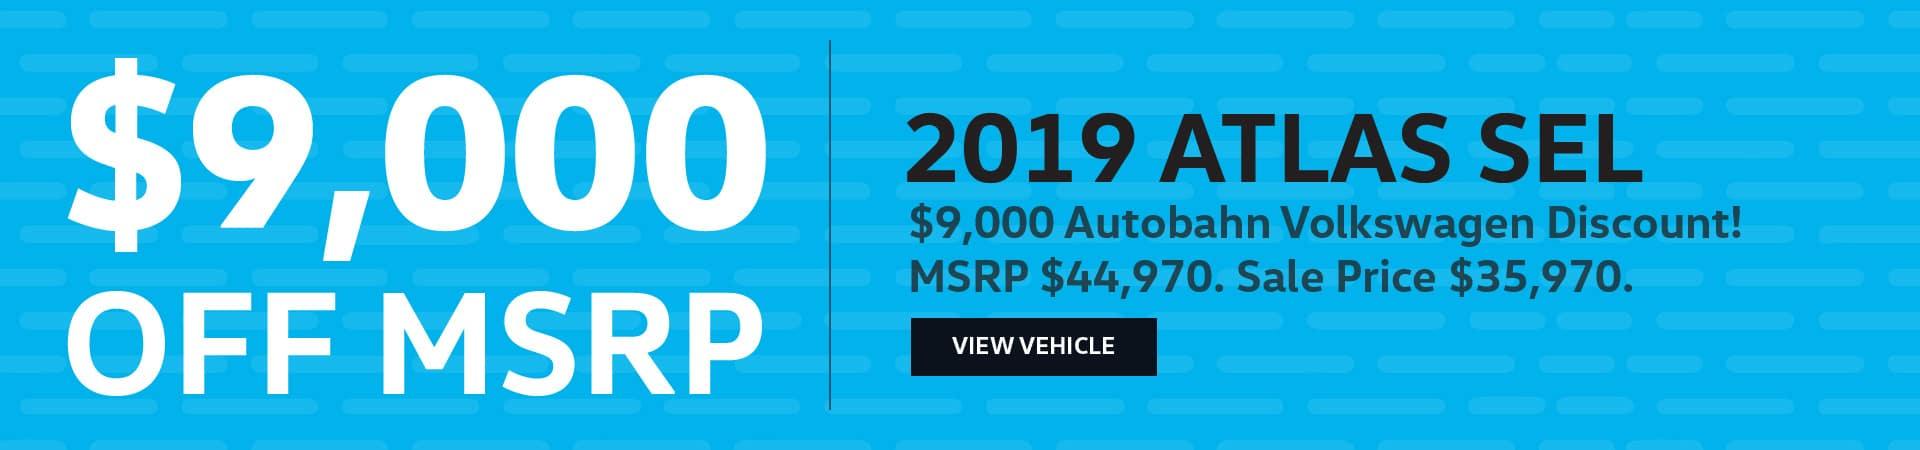 Autobahn Volkswagen | $9,000 Off MSRP